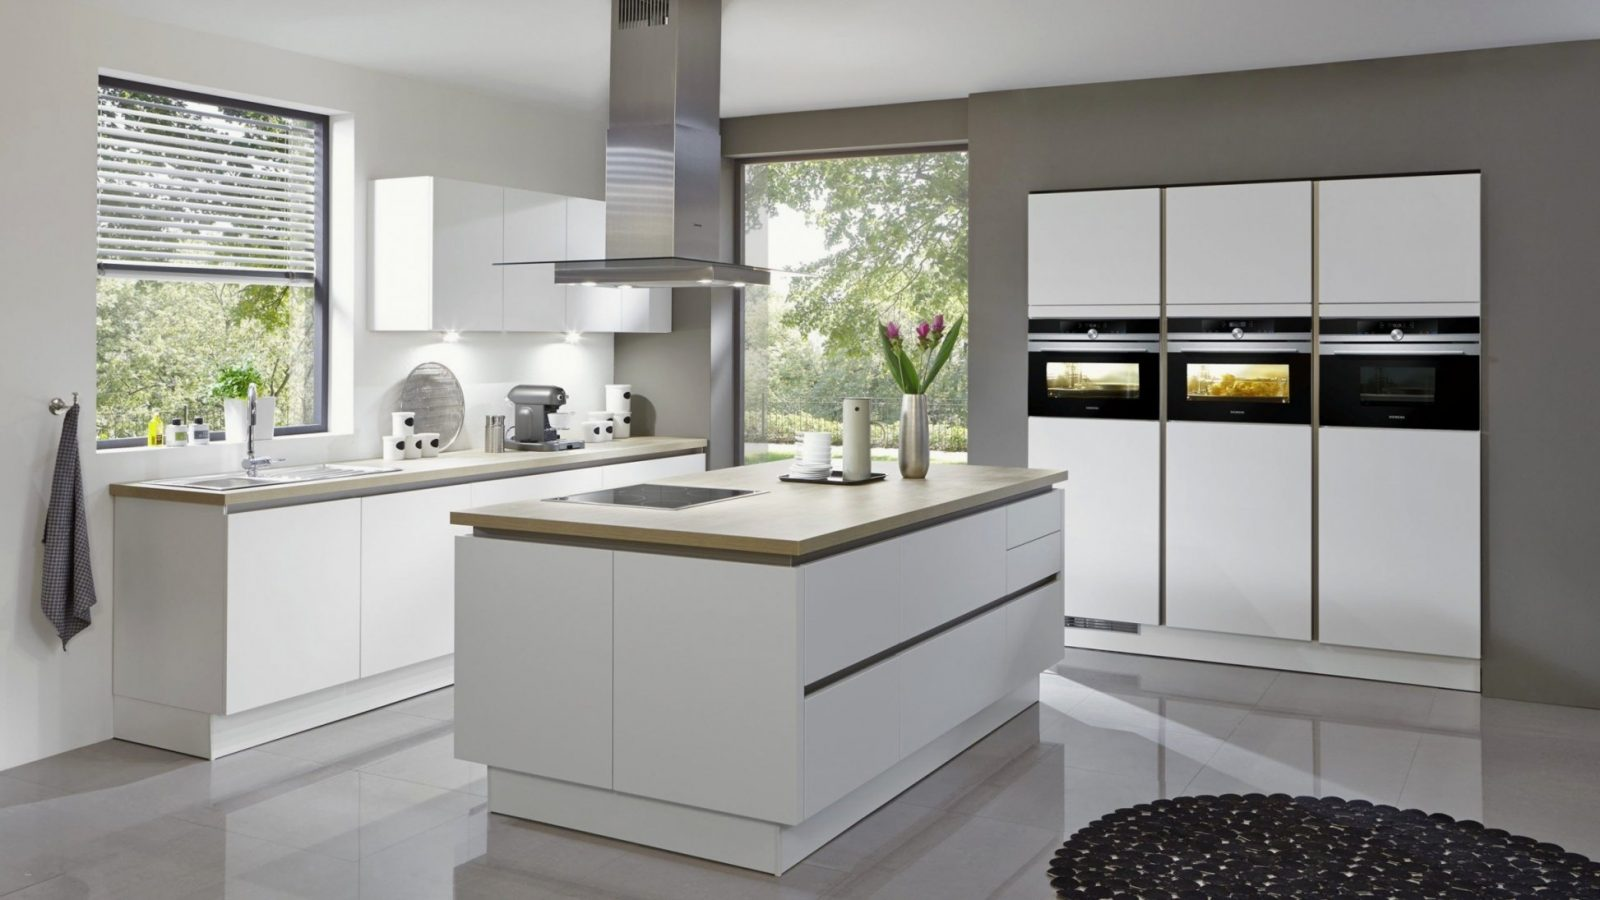 Alte Küche Aufpeppen Vorher Nachher — Temobardz Home Blog von Altes Badezimmer Aufpeppen Vorher Nachher Bilder Photo